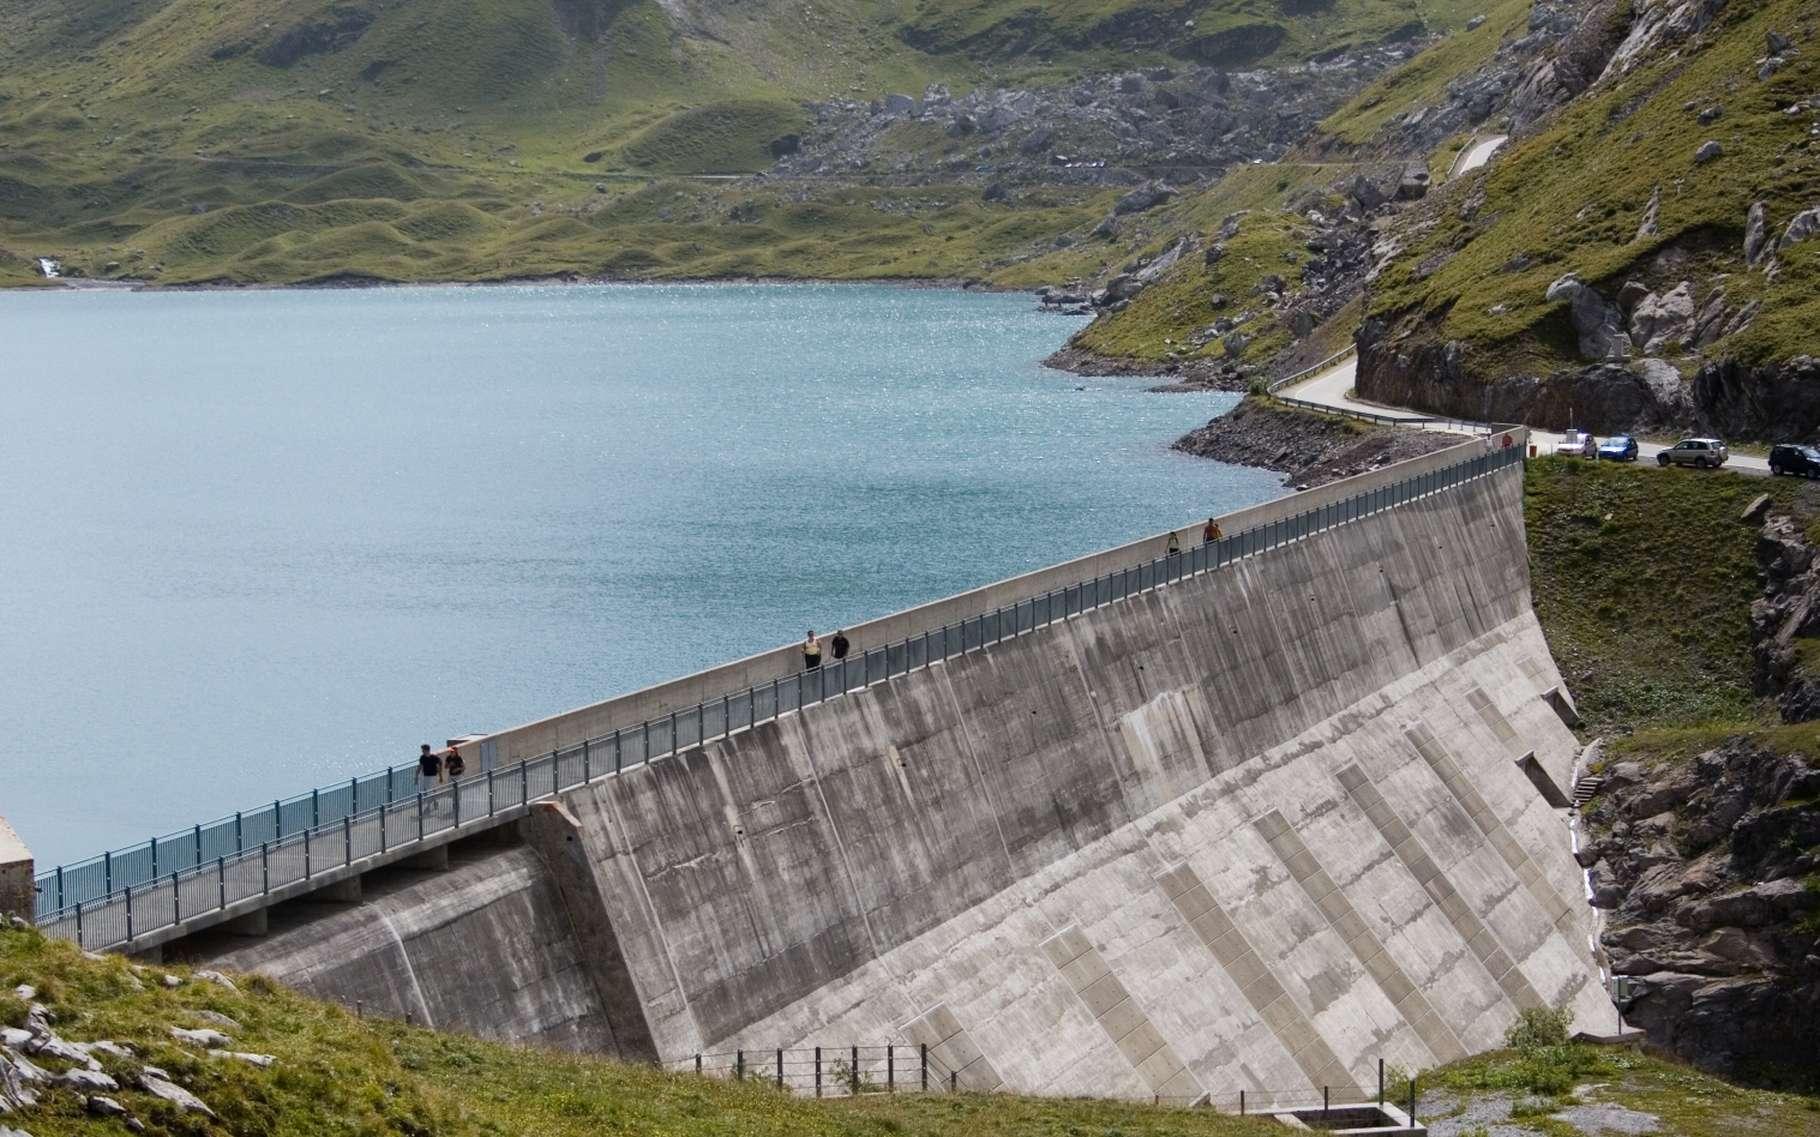 Les barrages, en changeant le régime des cours d'eau, modifient l'activité biologique aquatique et favorisent les émissions de différents gaz à effet de serre, dont le méthane. Le phénomène serait plus important que prévu. Ici le barrage de Sanetsch, dans le canton du Valais, en Suisse. © Ludovic Péron, CC by-sa 2.5